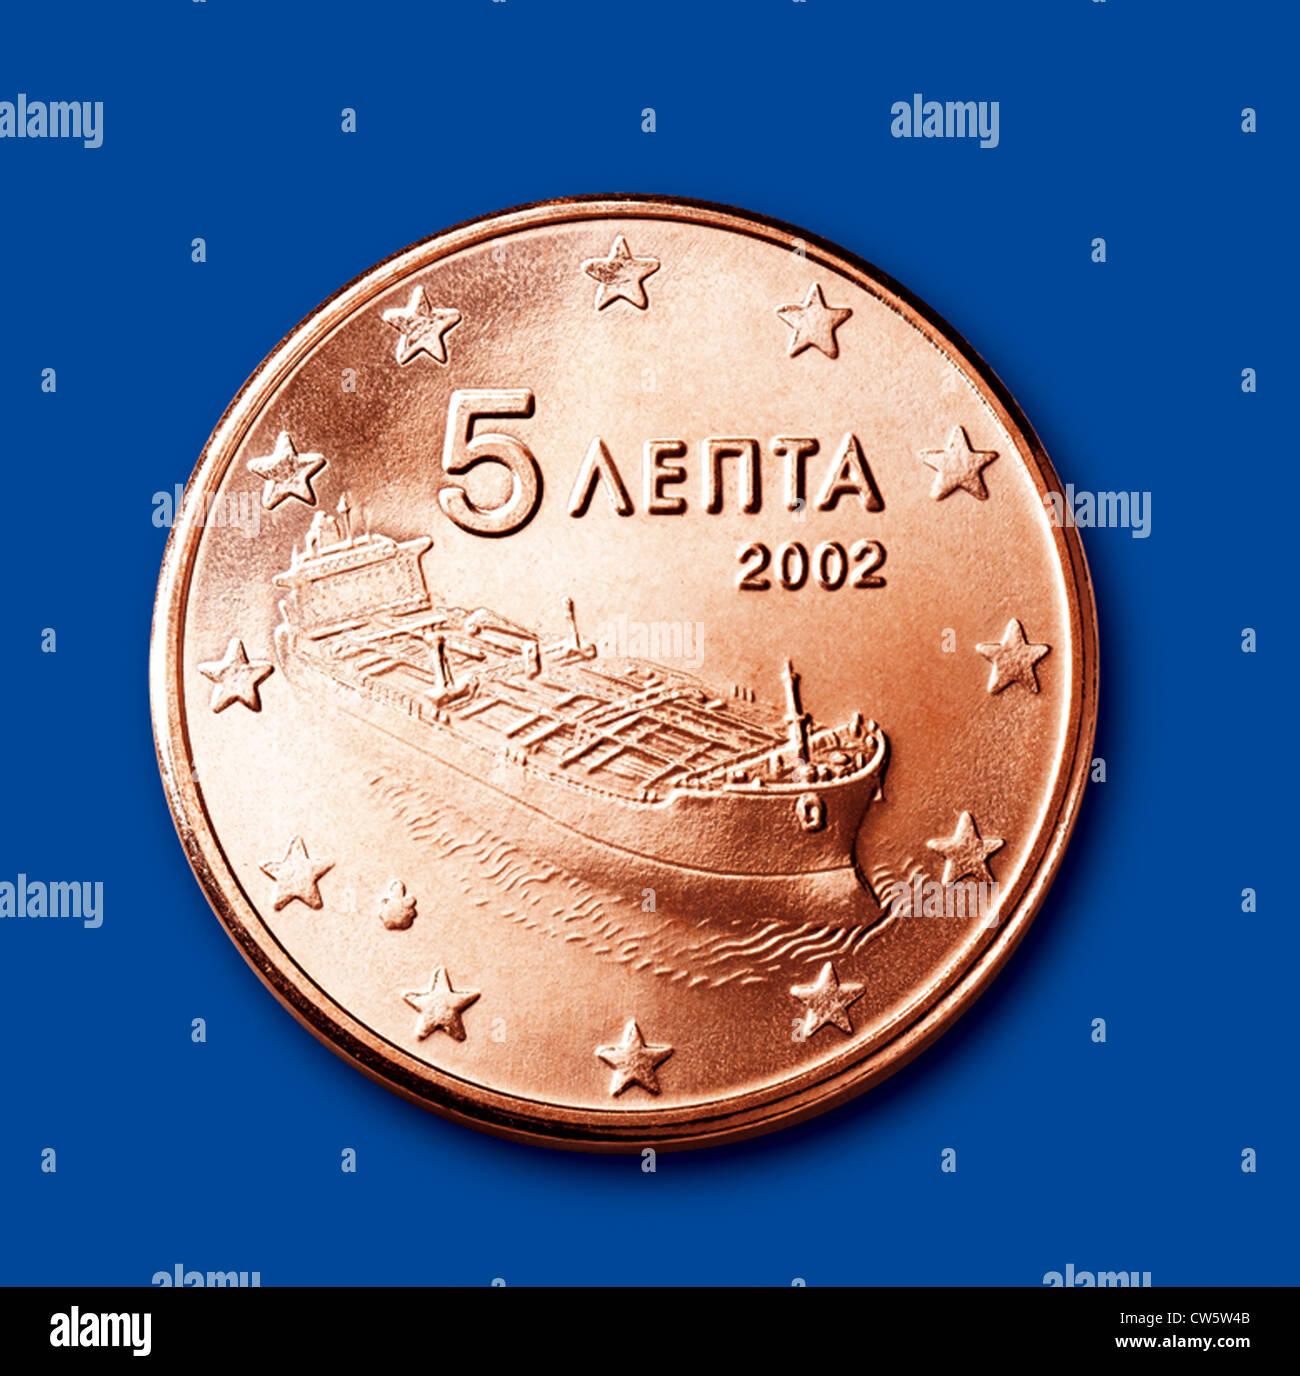 Münzen Von 5 Cent Griechenland Stockfoto Bild 49916619 Alamy